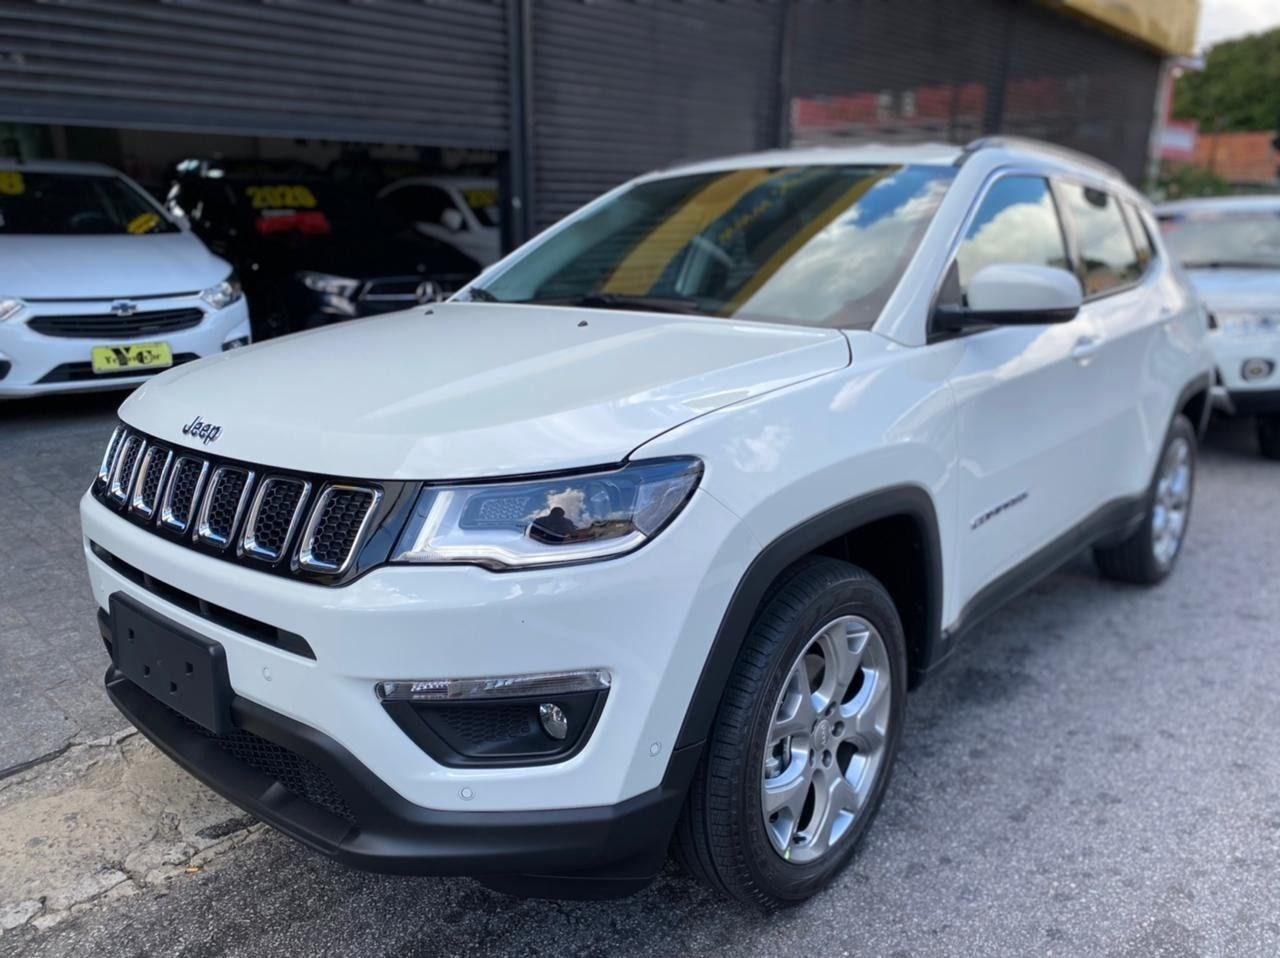 //www.autoline.com.br/carro/jeep/compass-20-longitude-16v-flex-4p-automatico/2021/sao-paulo-sp/14434188